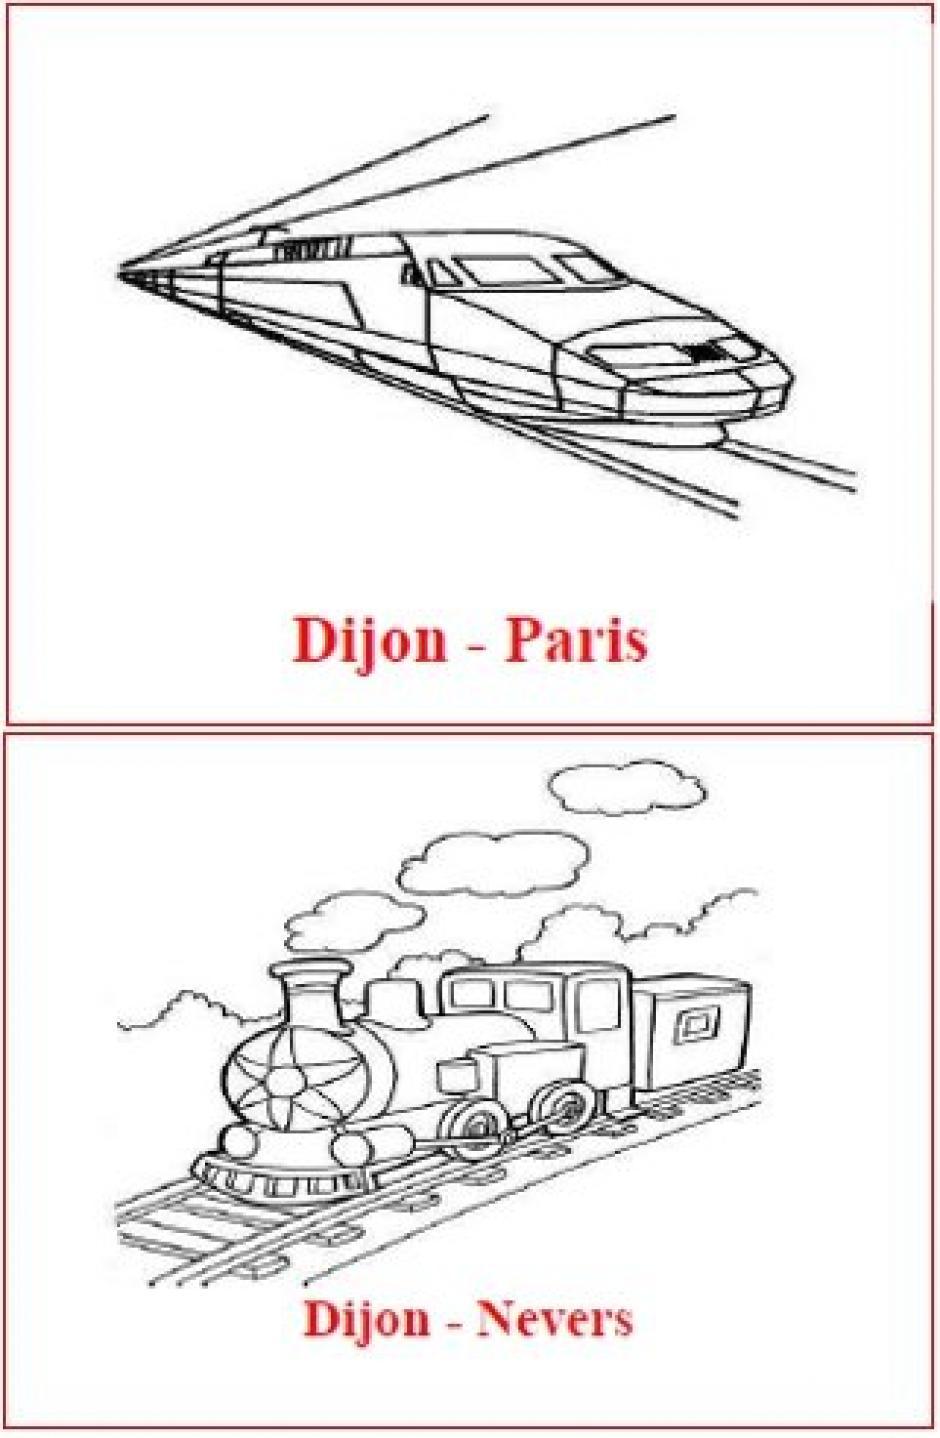 La France en train, de Nantes à Dijon… et plus loin, sans passer par Paris… Utopie ou réalité ?